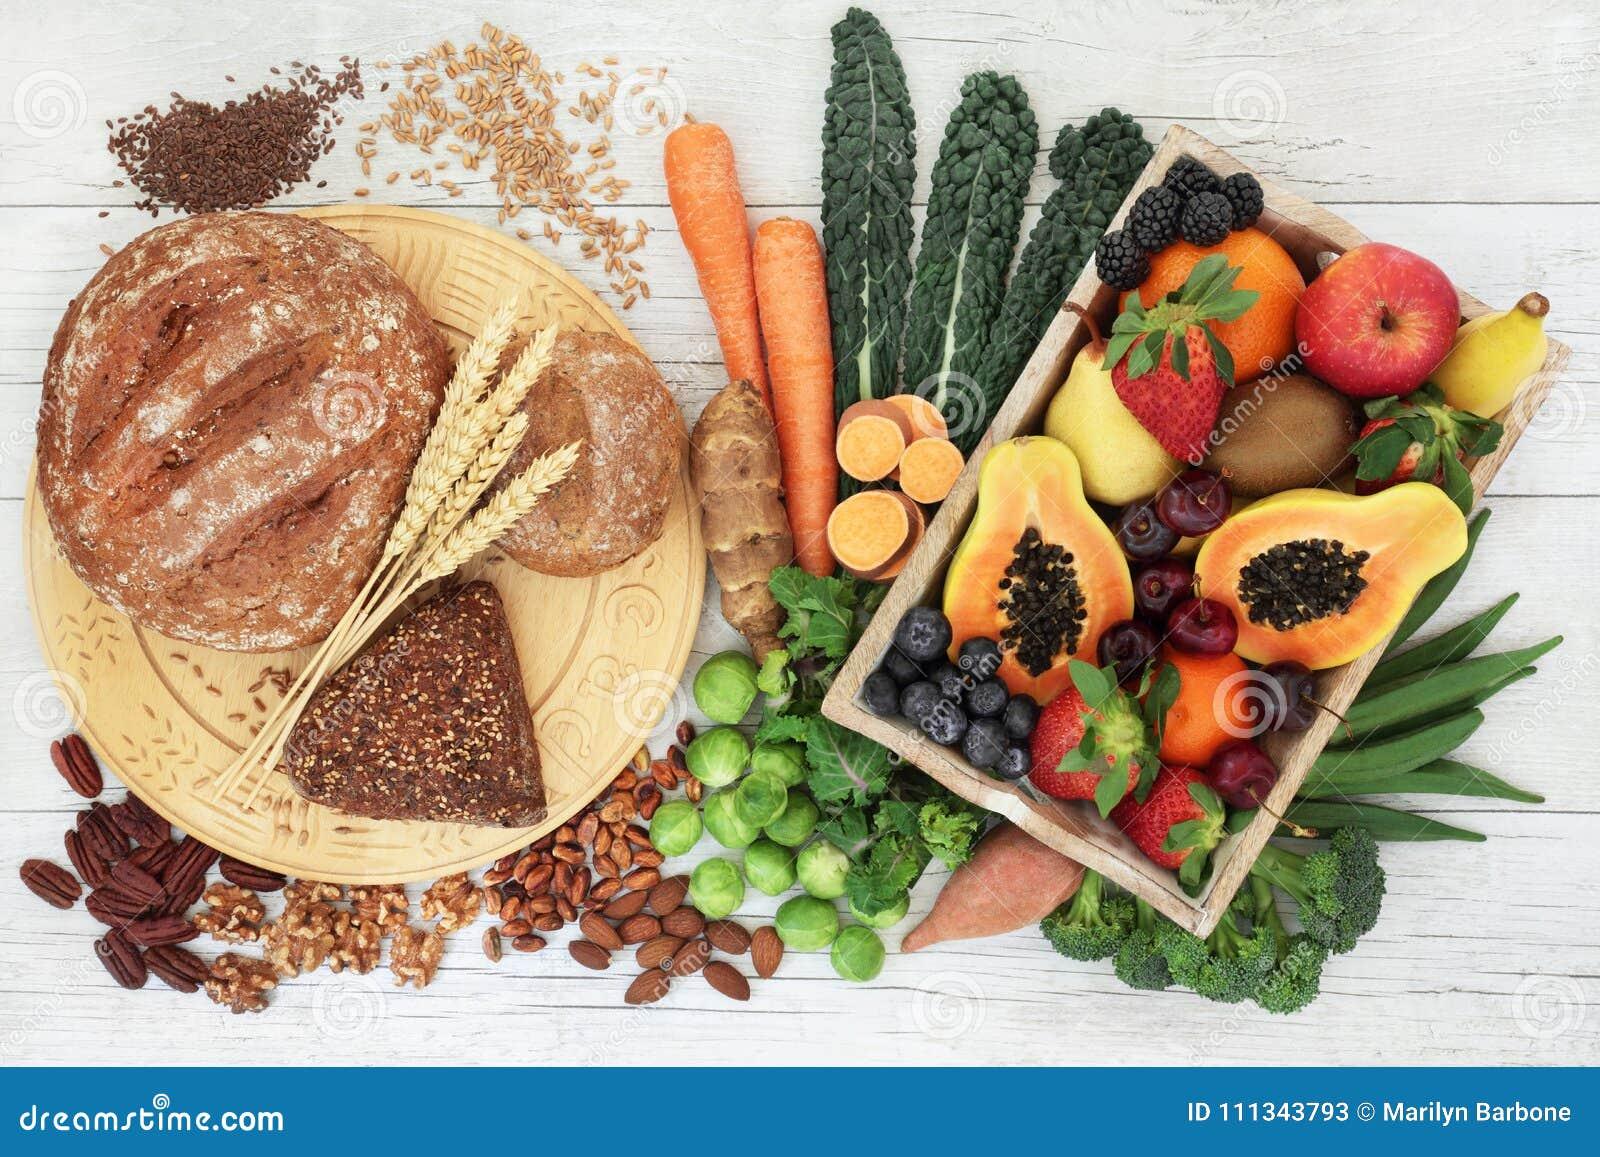 High Fibre Food for a Healthy Life